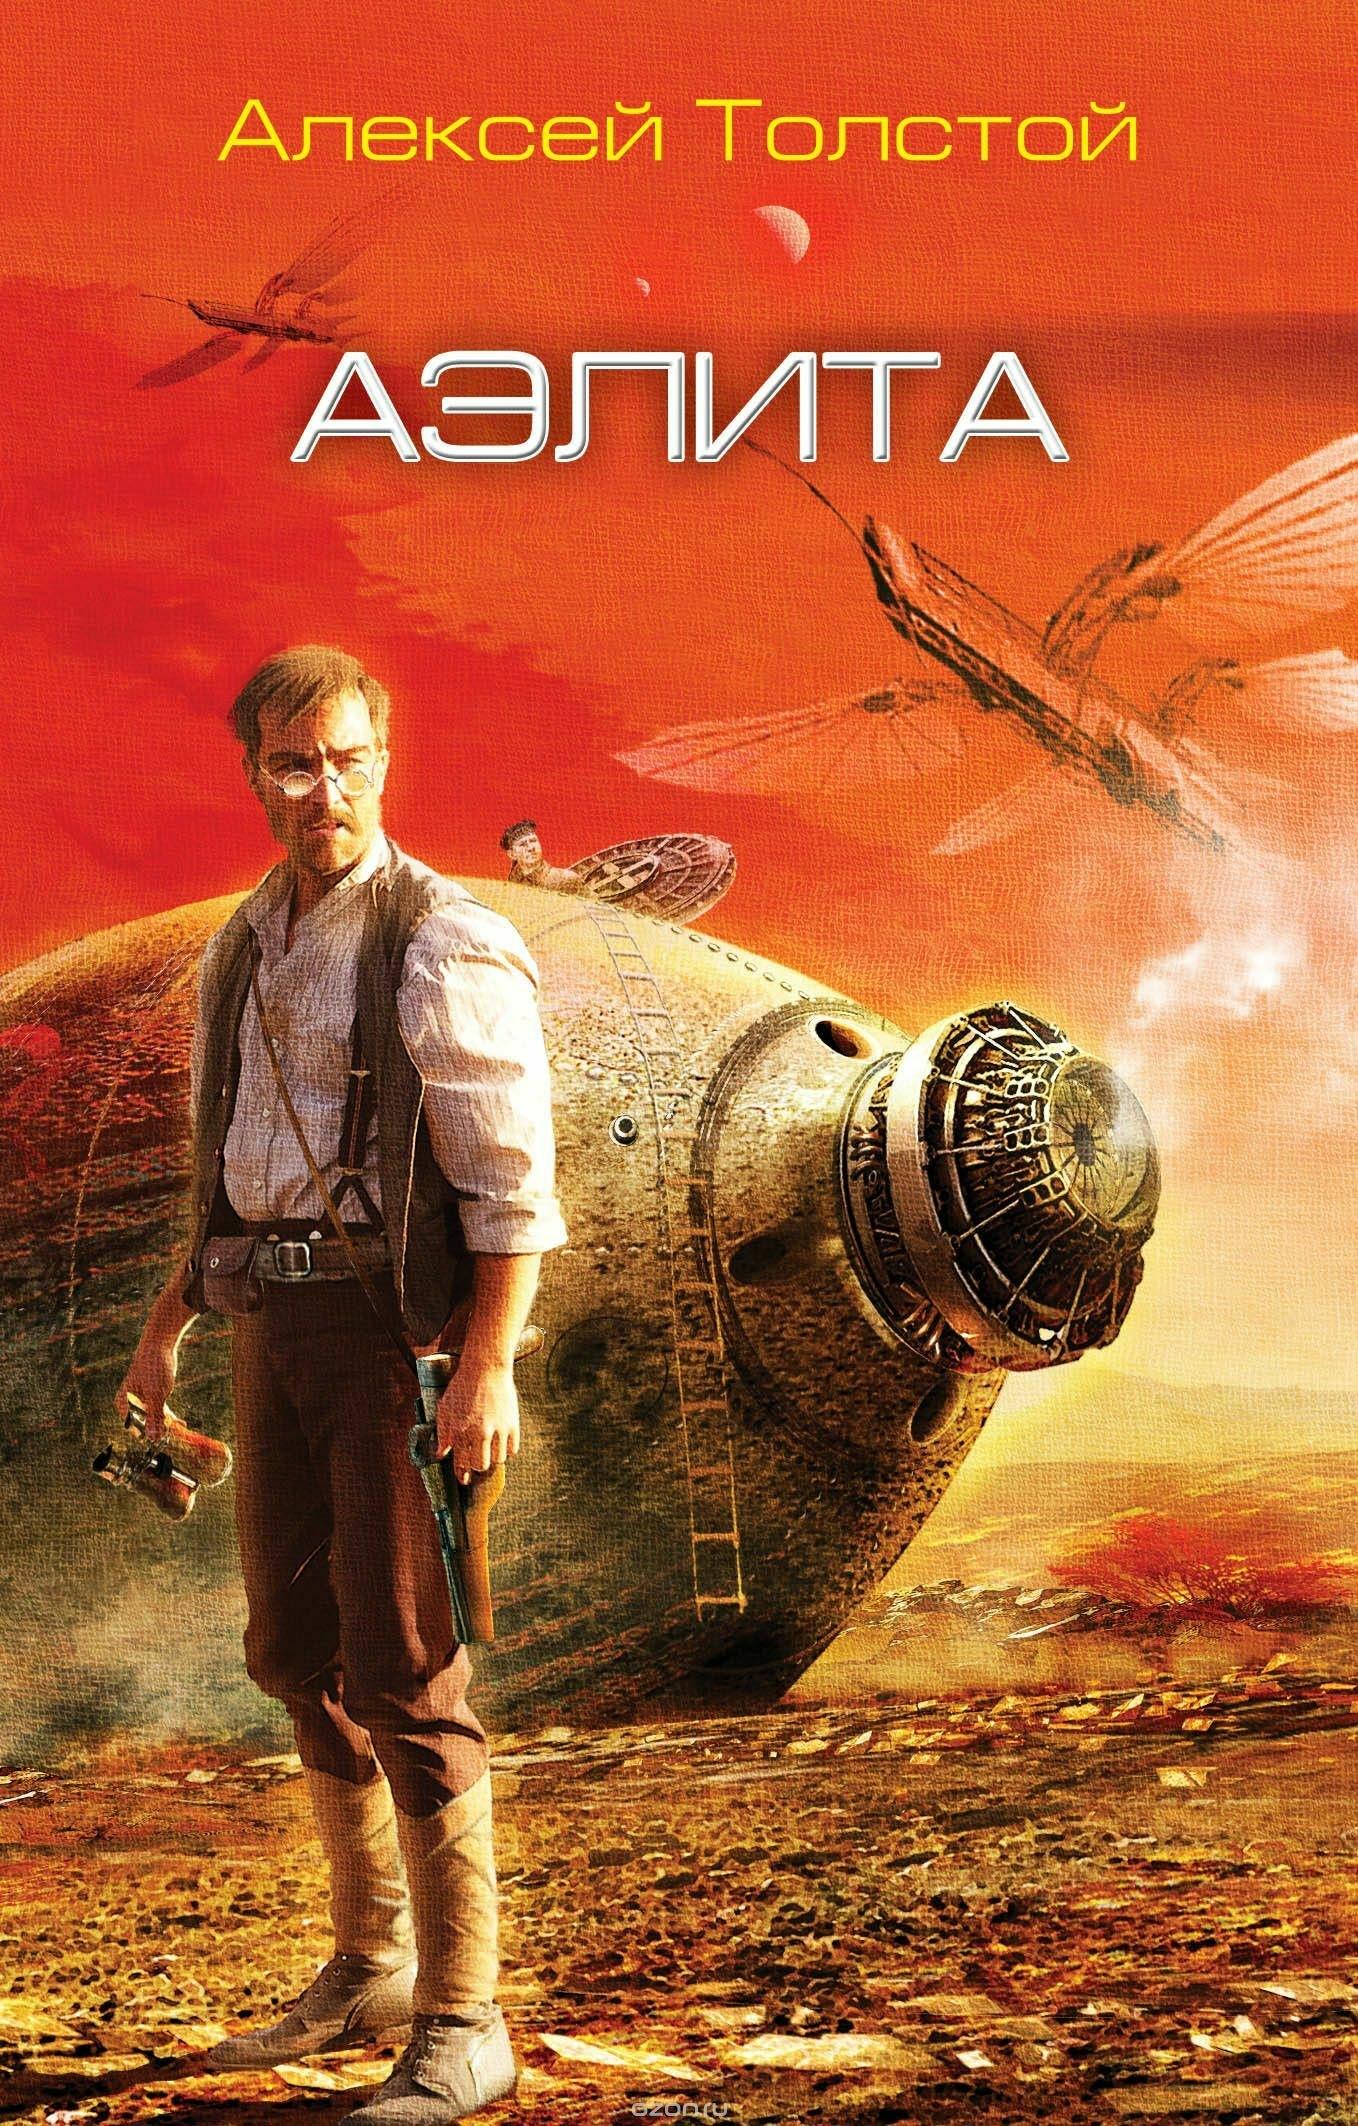 Толстой не был первым автором, отправившим своих героев на Марс, но он постарался сделать их путешествие научно обоснованным